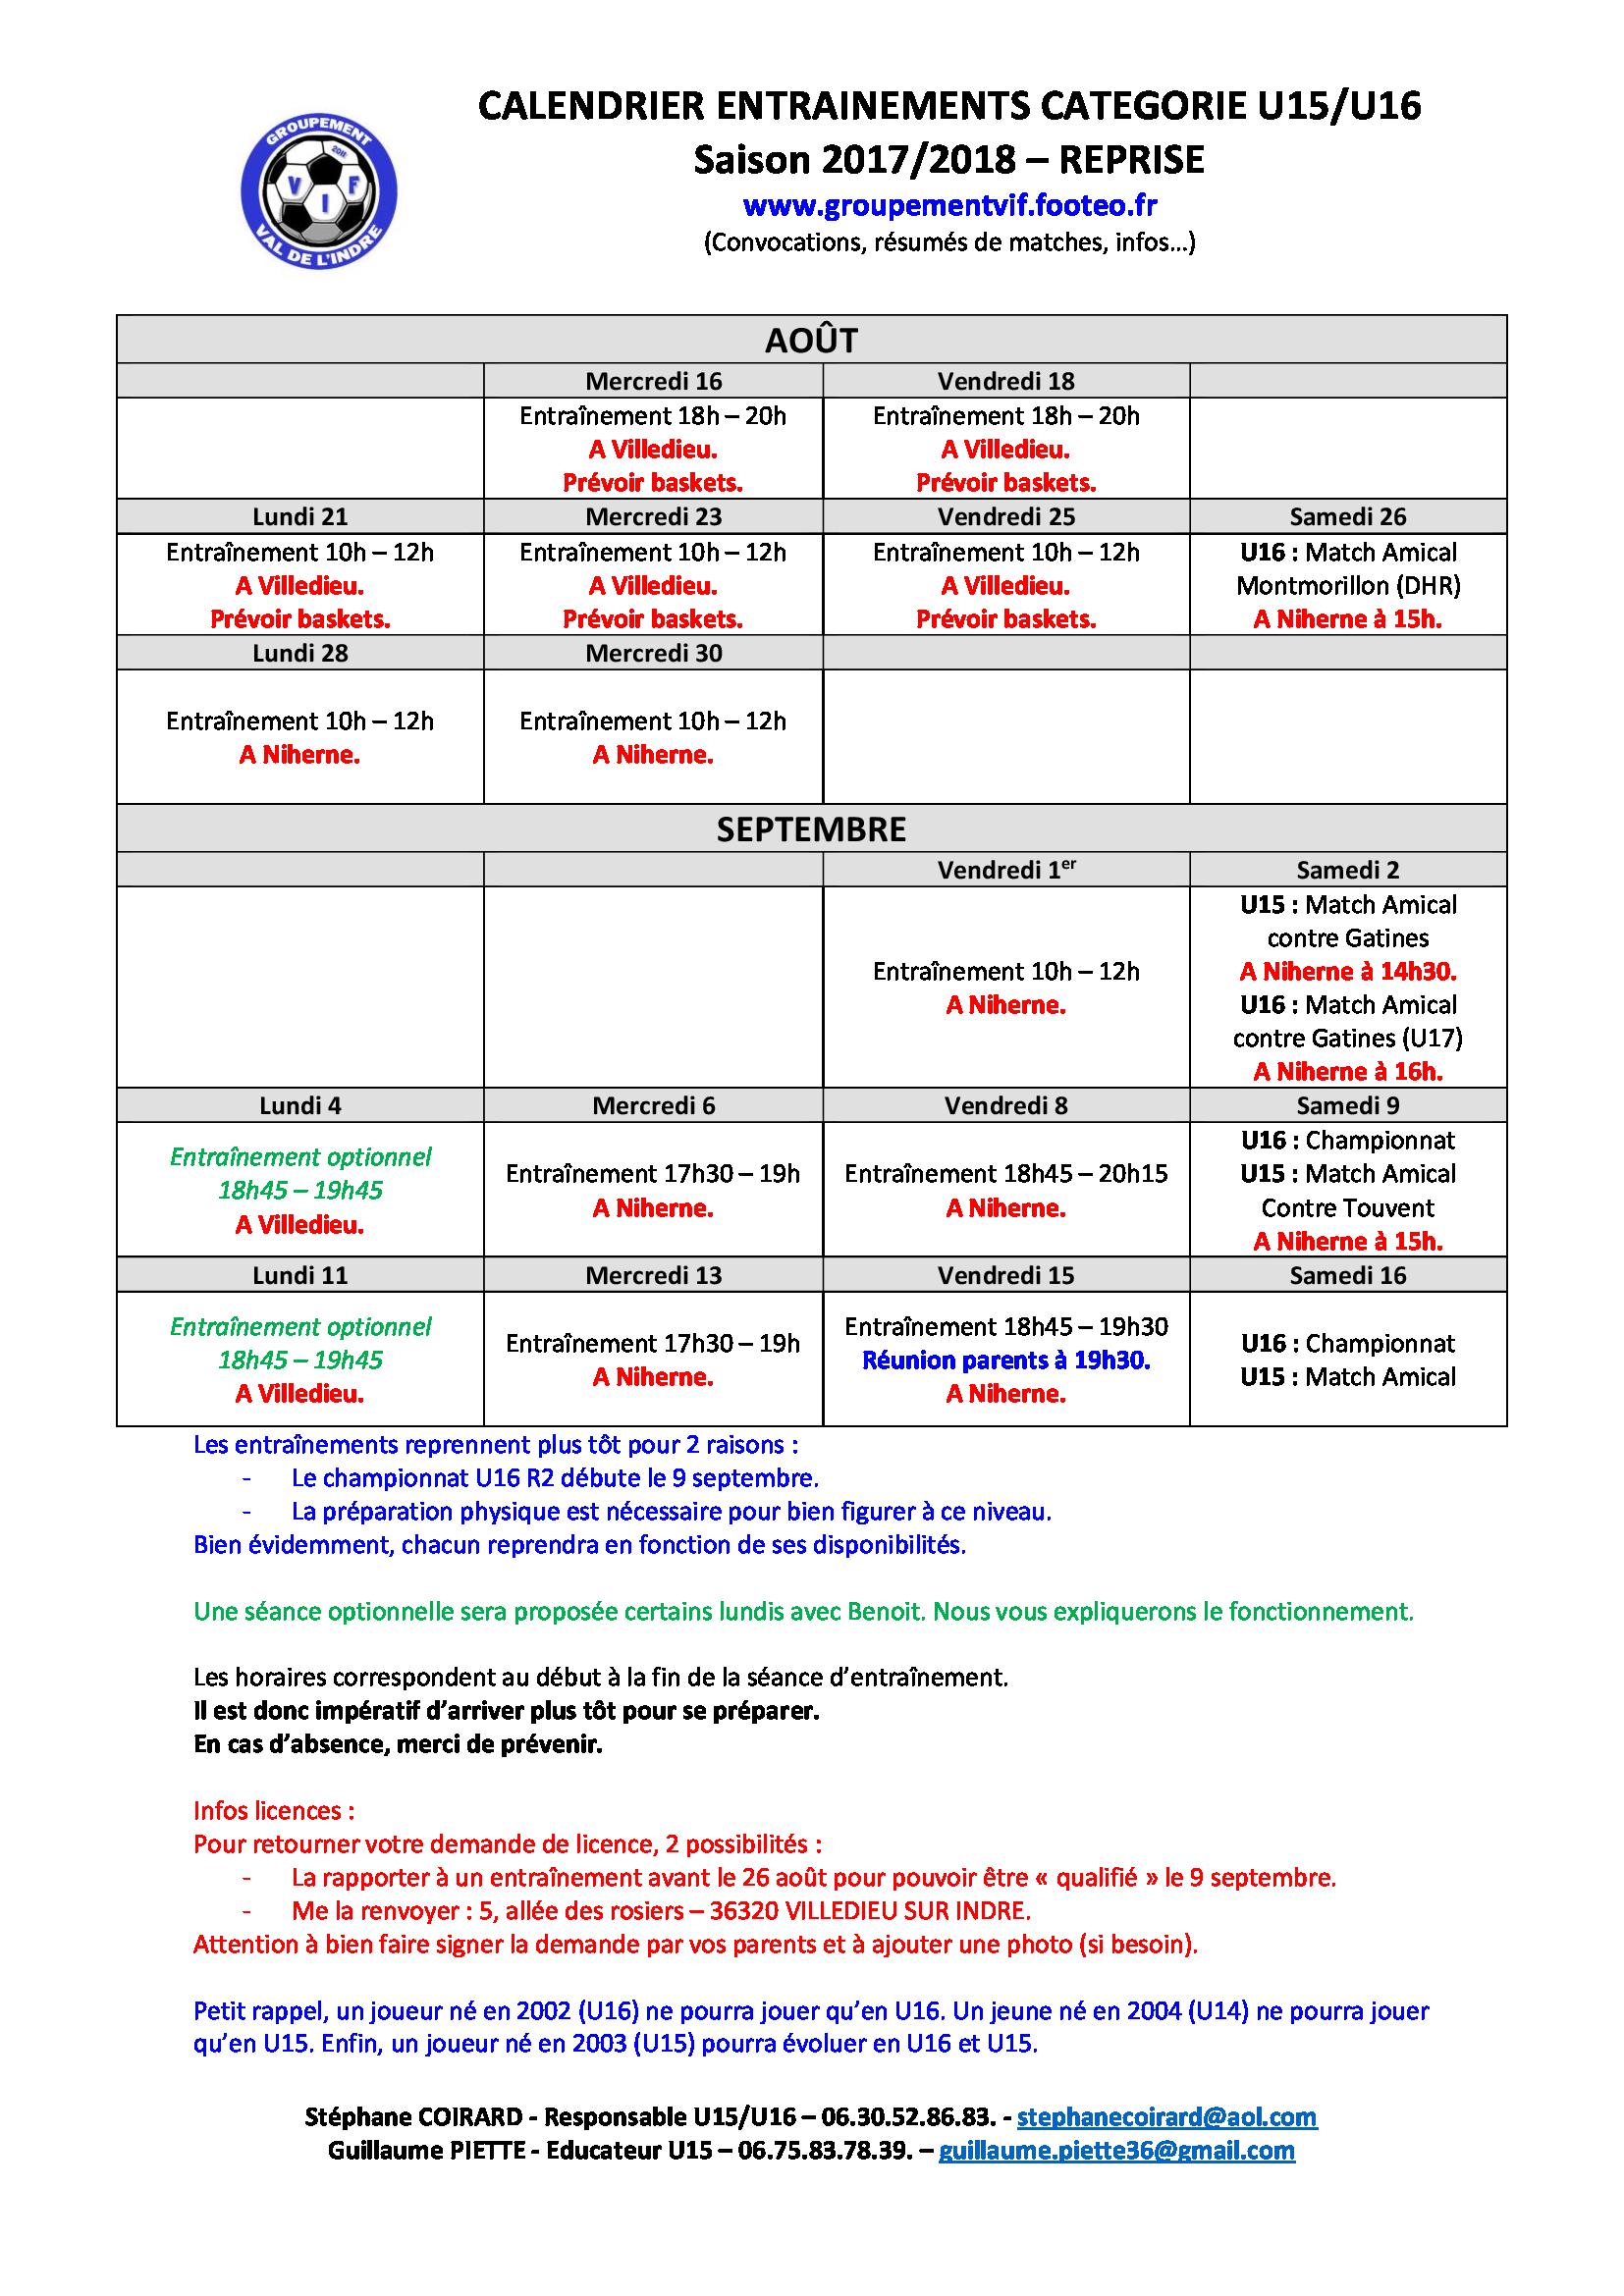 Reprise entraînements U15-U16.jpg